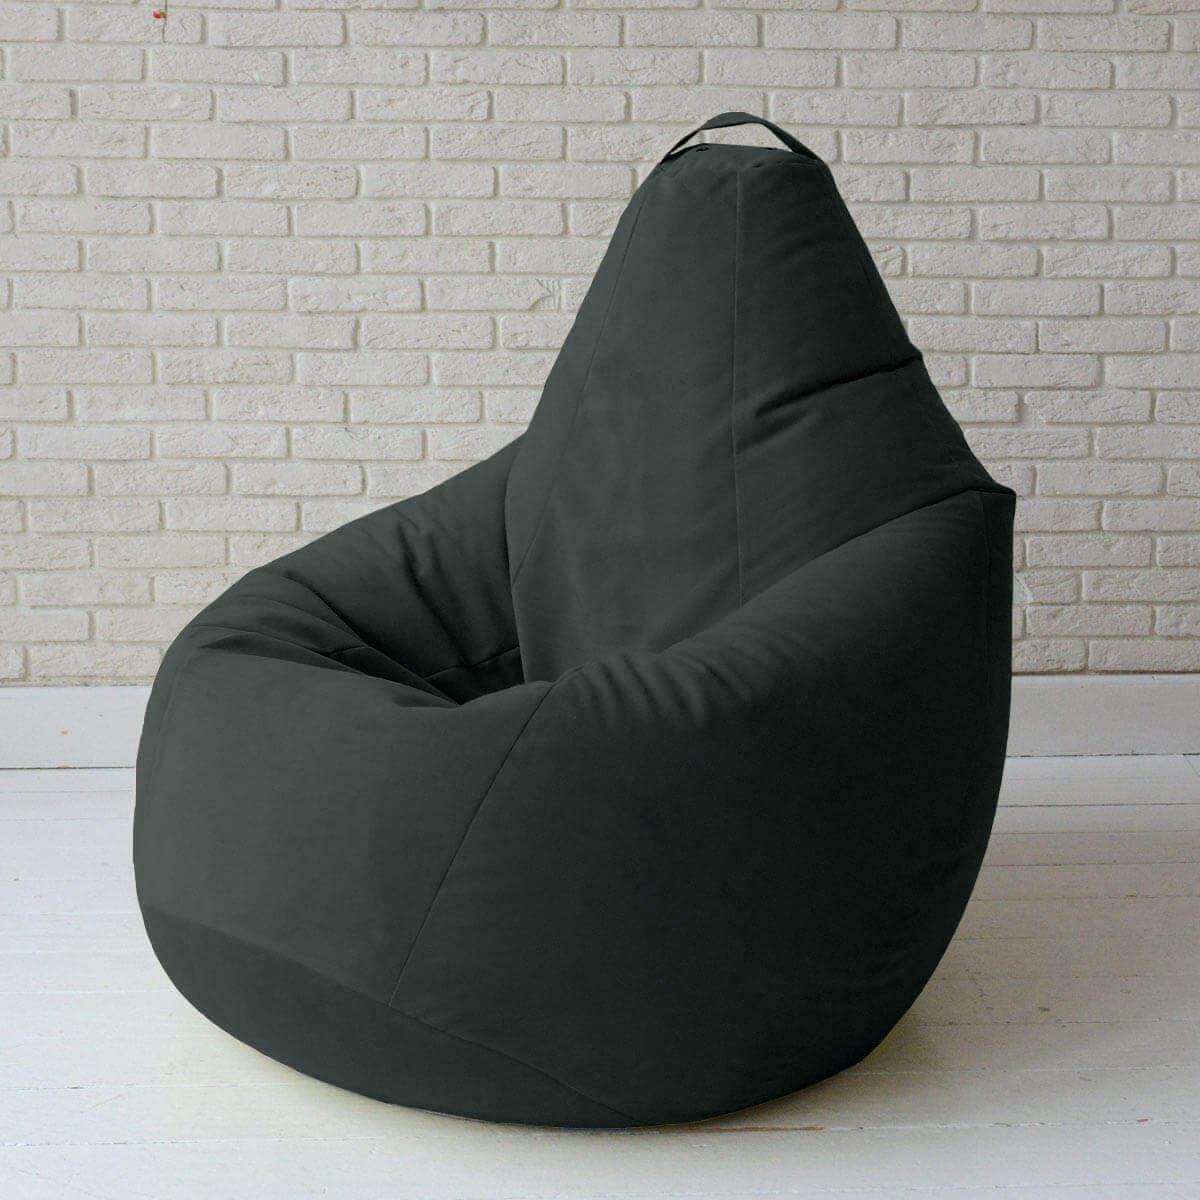 Кресло-груша KatyPuf черное с отливом Велюр, Размер XXL 140x100